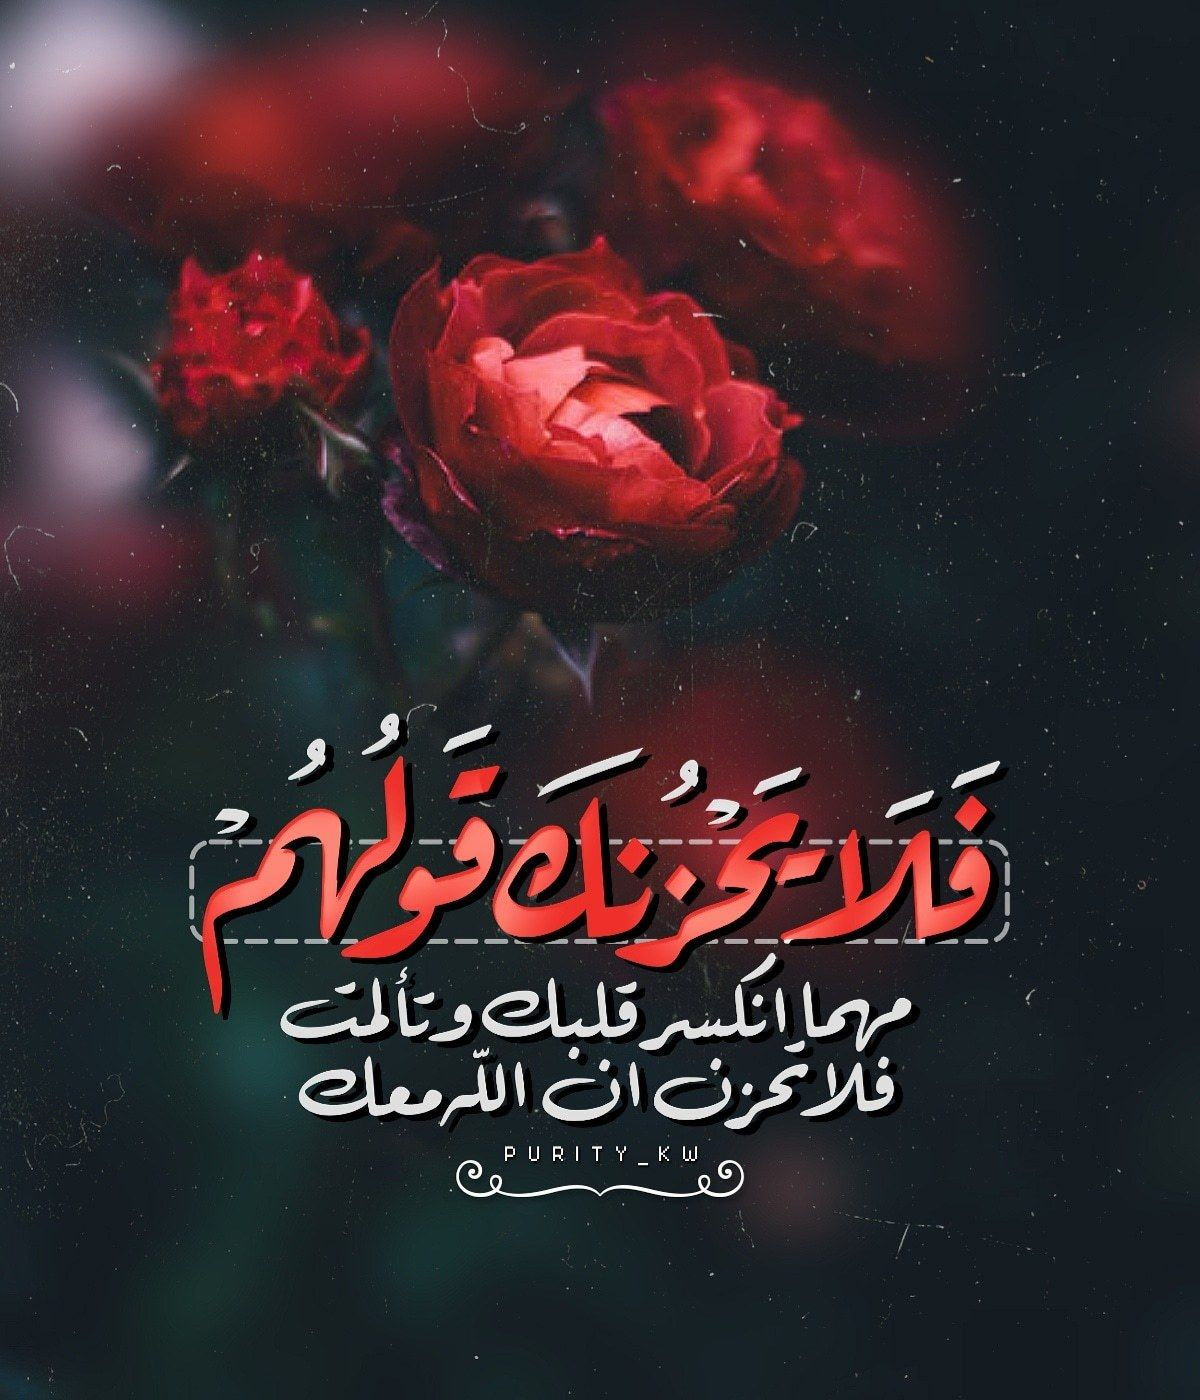 ف ل ا ي ح ز نك ق و ل ه م مهما انكسر قلبك وتألمت فلا تحزن ان الله معك Quran Quotes Love Funny Arabic Quotes Beautiful Arabic Words